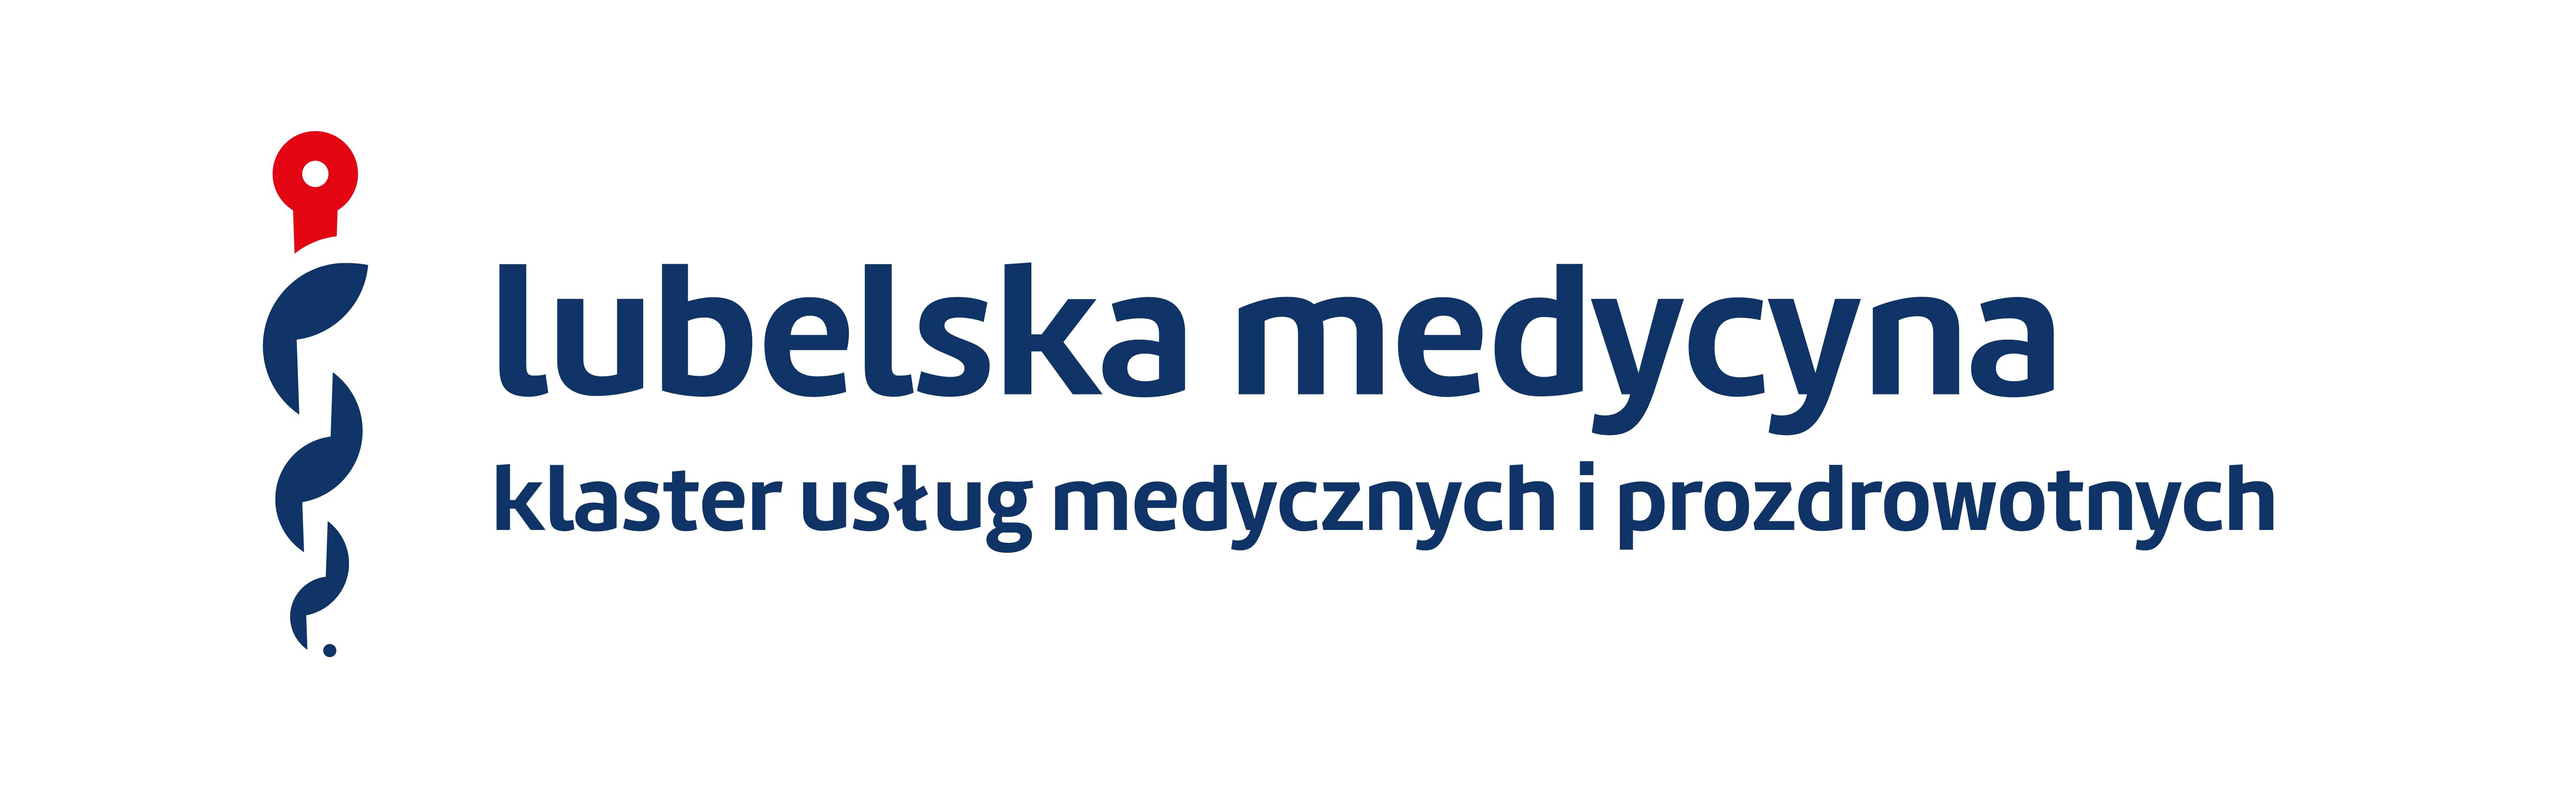 LubelskaMedycyna_PL_nazwa_pelna_RGB